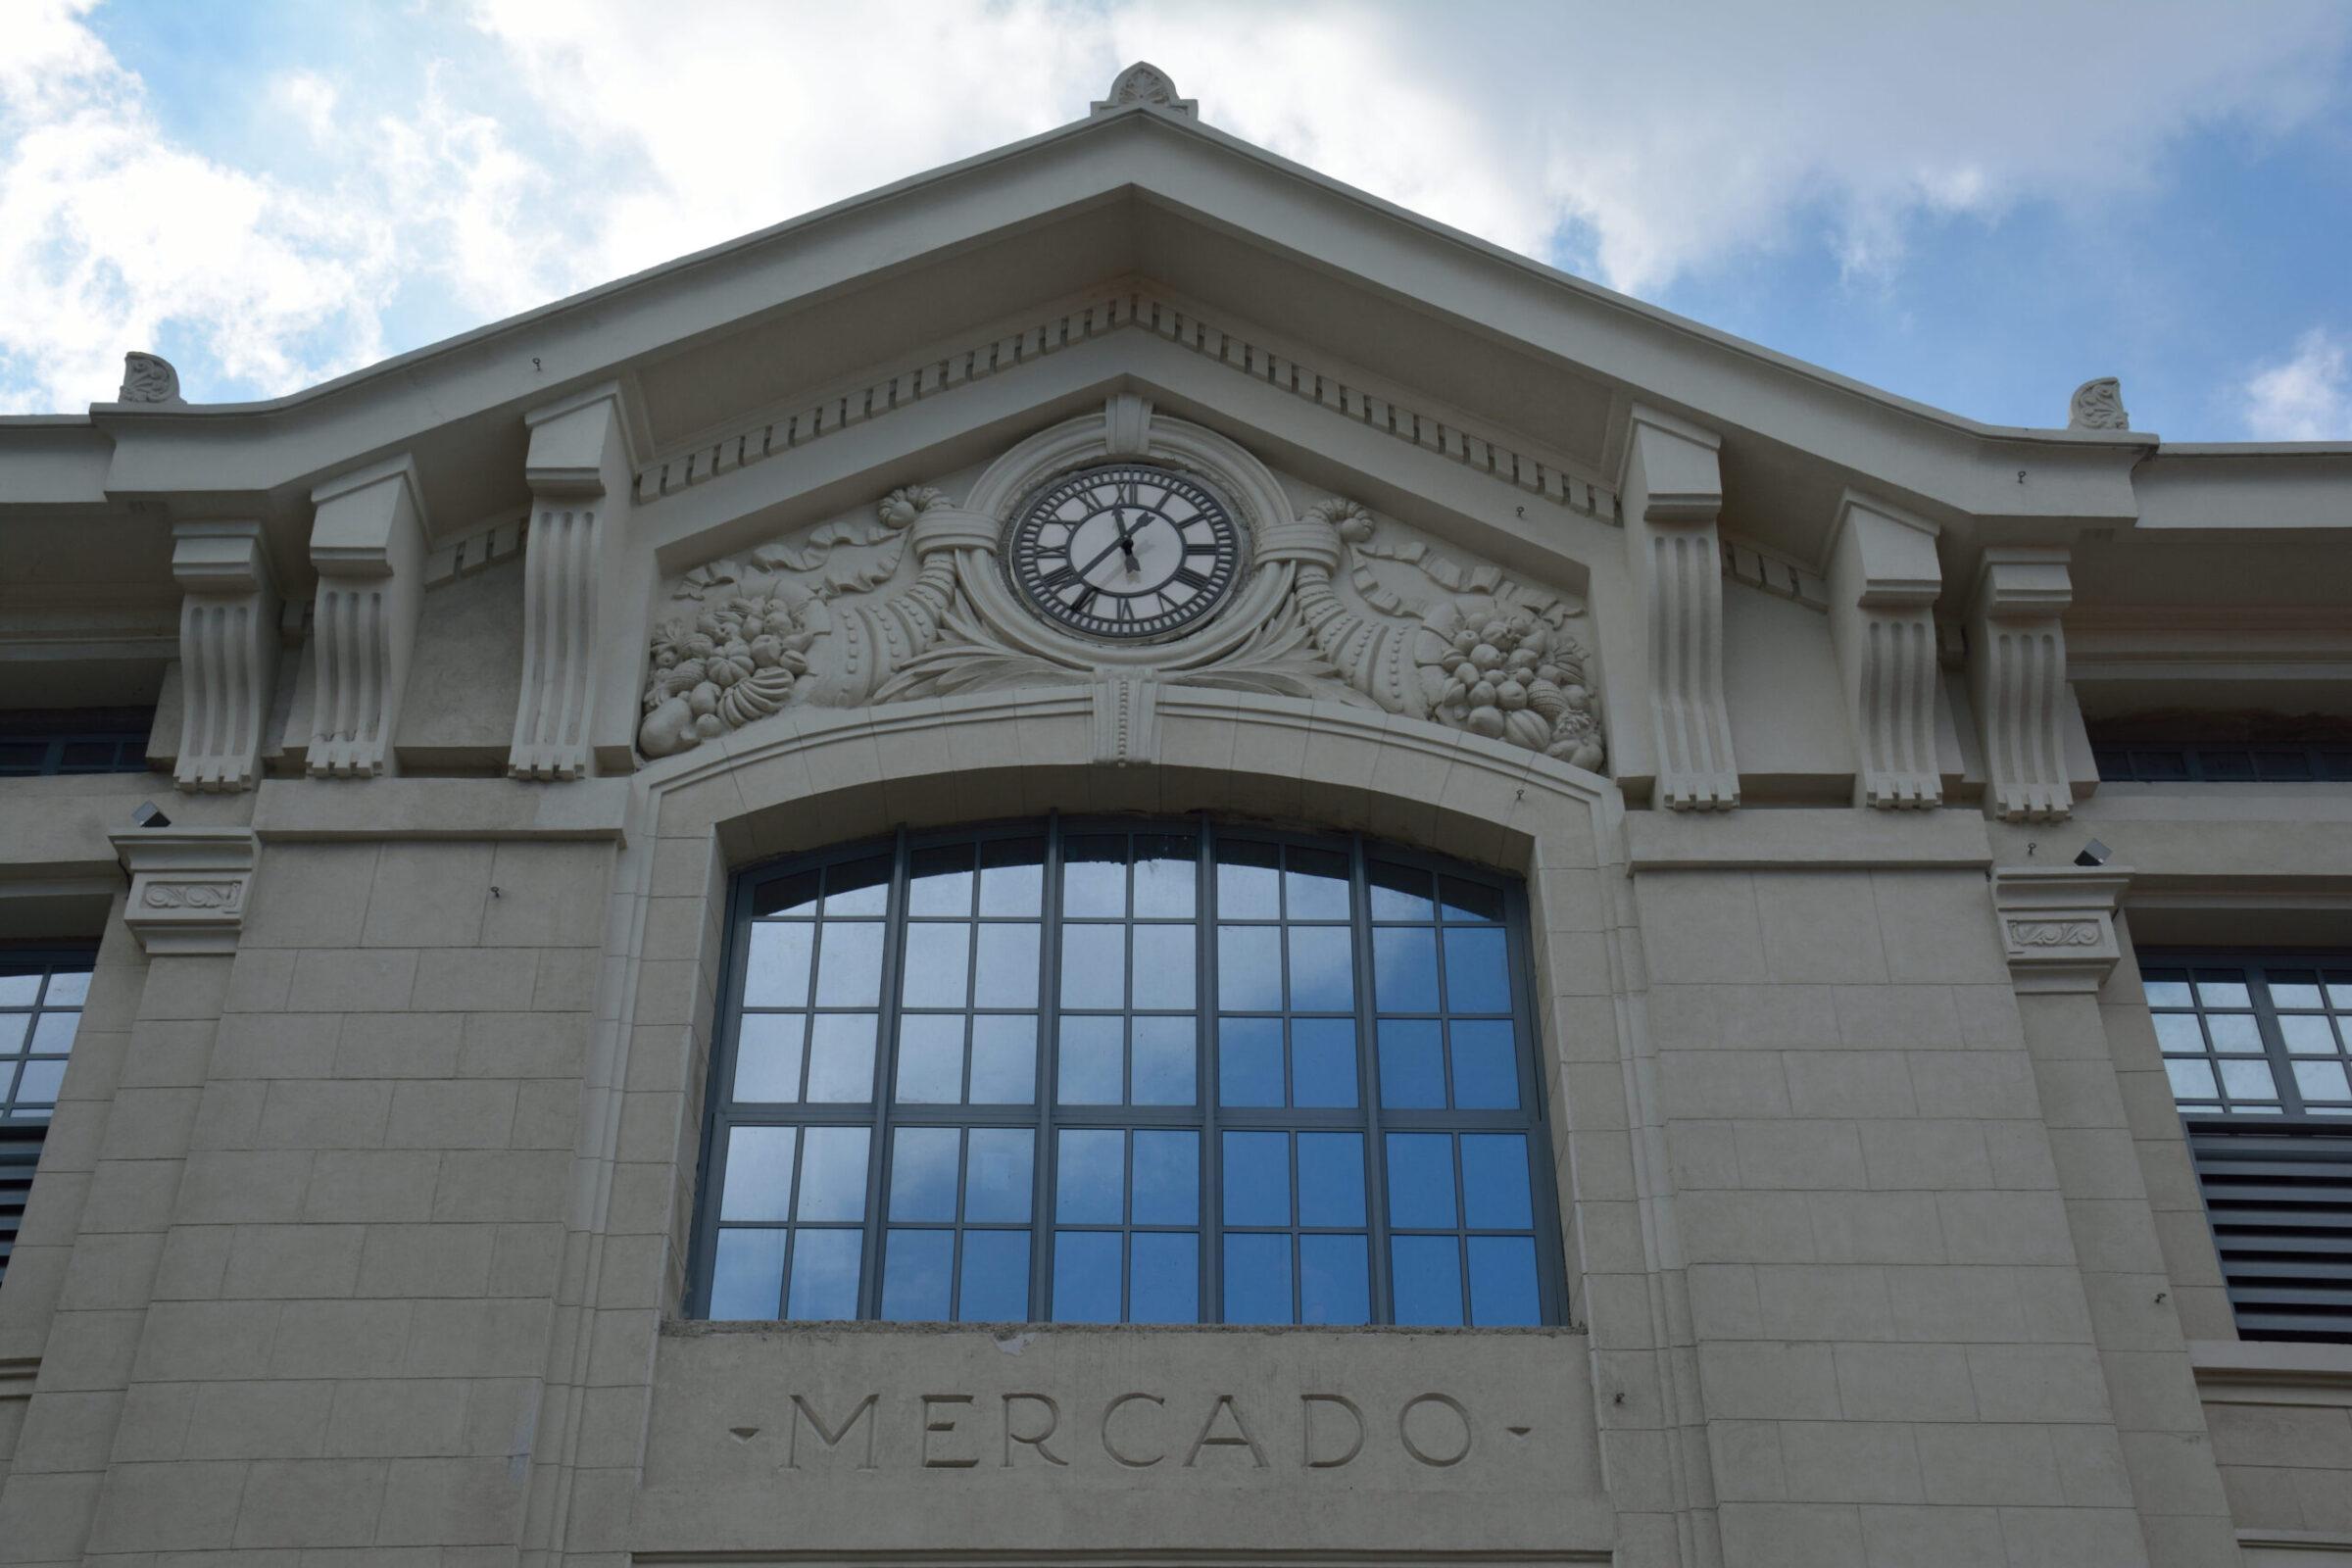 A facade clock in Cuba